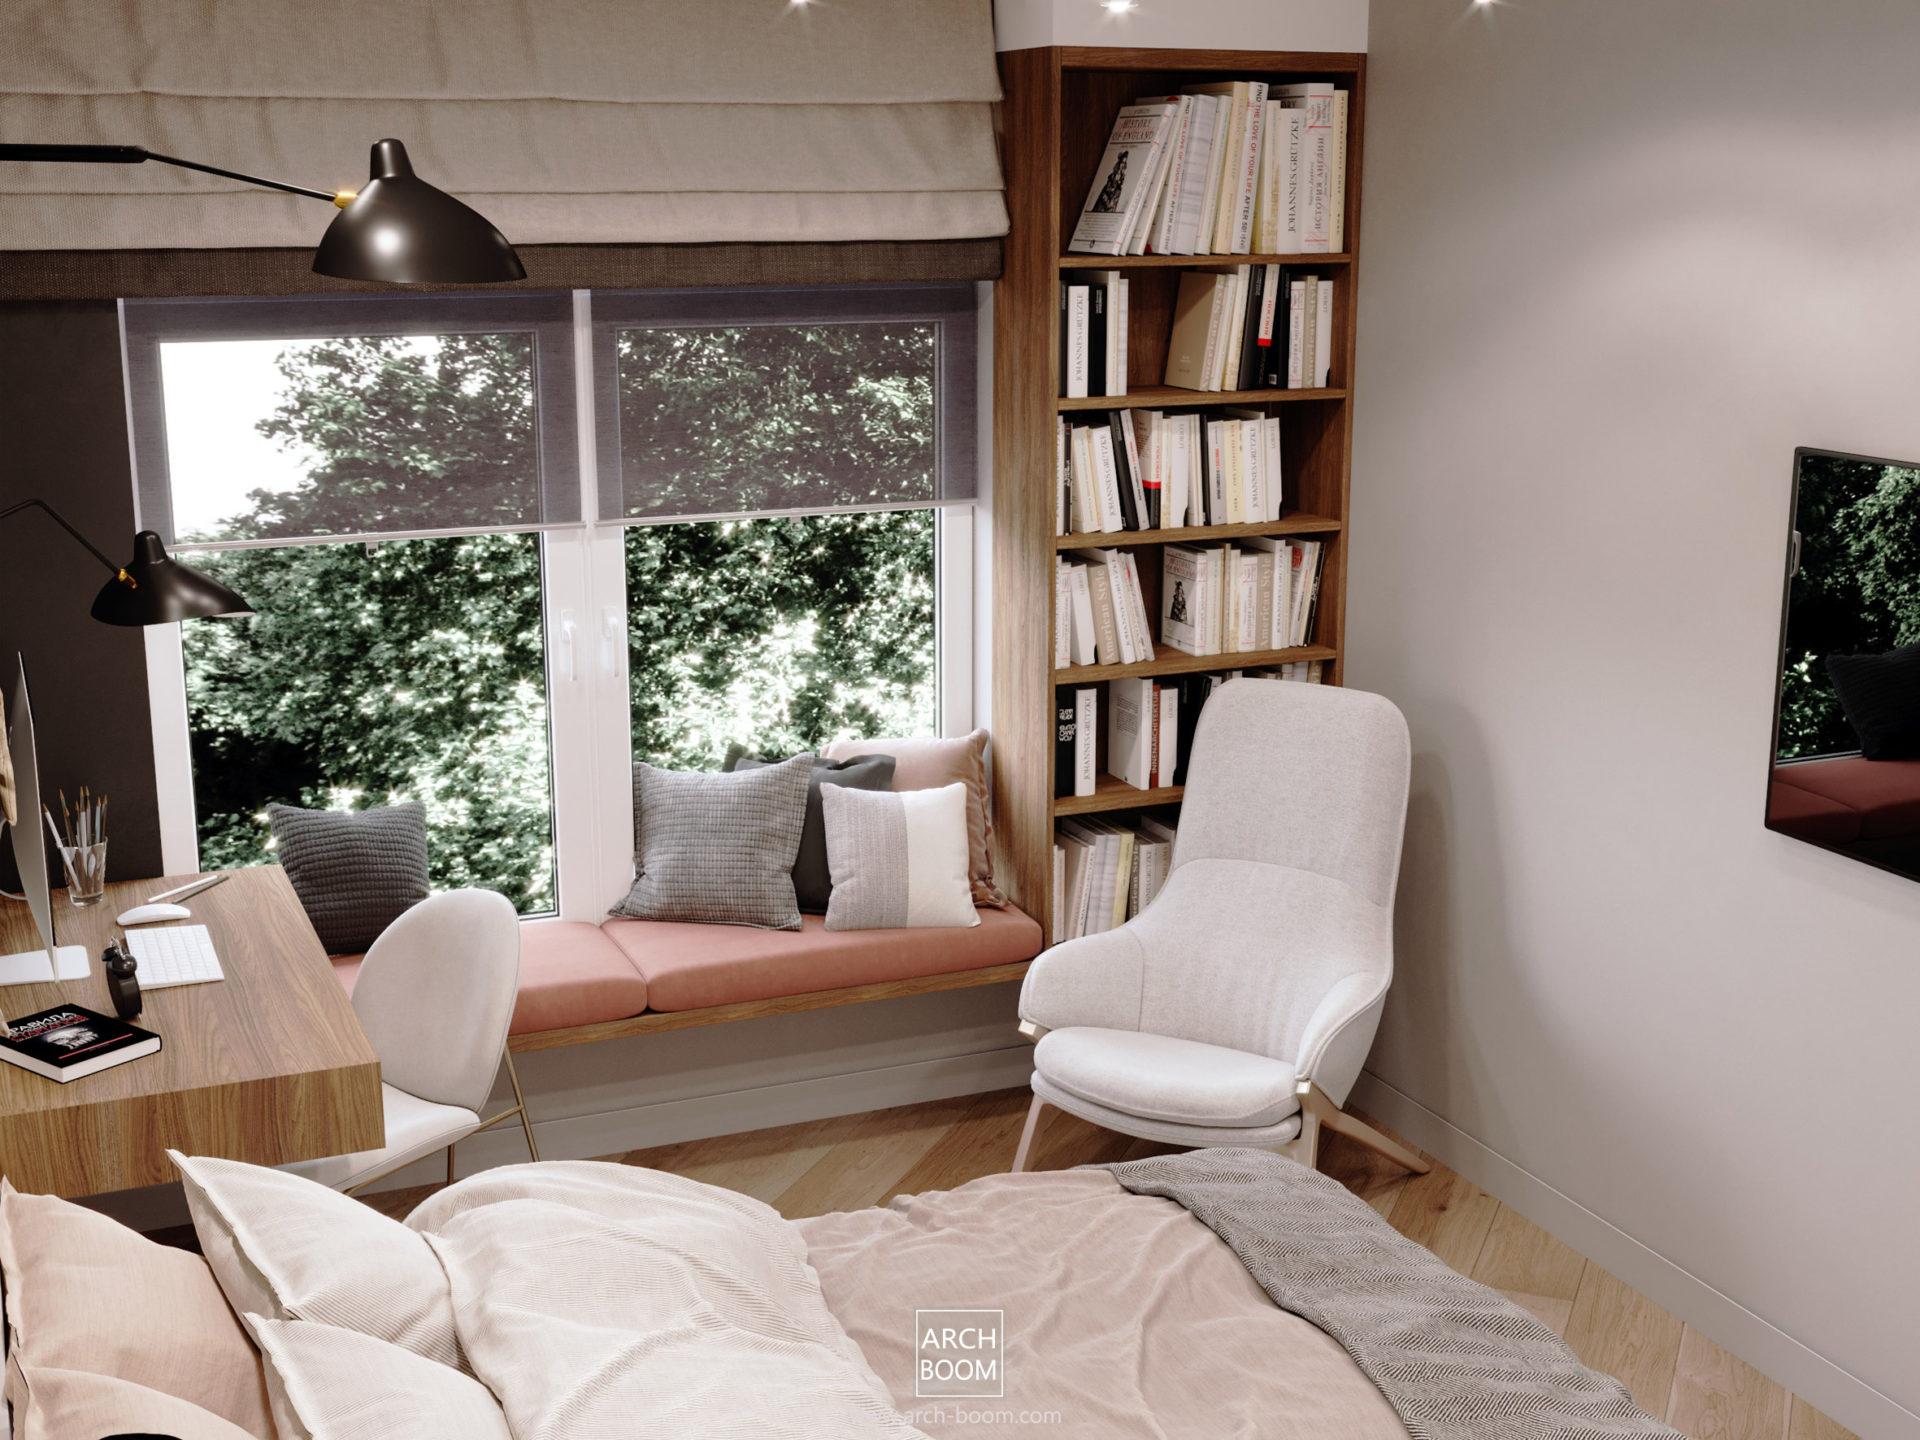 pokój dla nastolatka z parapetem do siedzenia, fotelem i regałem na książki